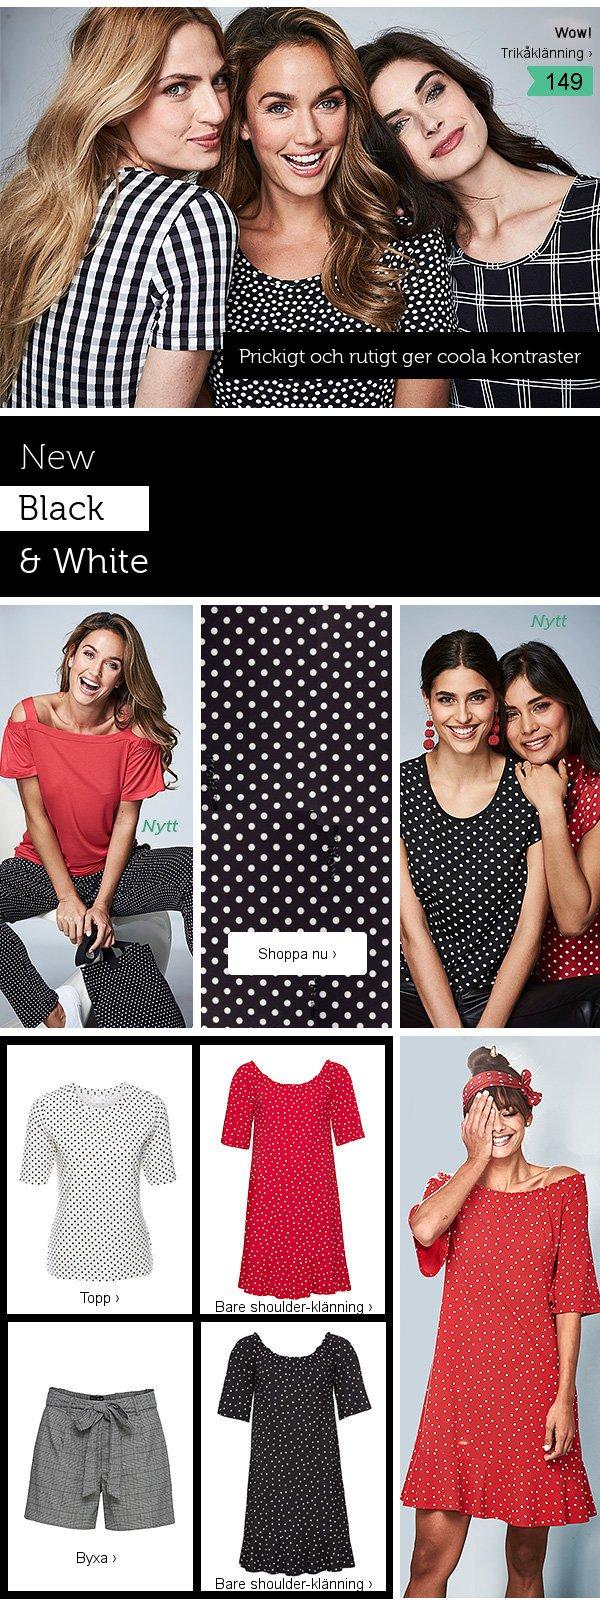 New Black & White >>